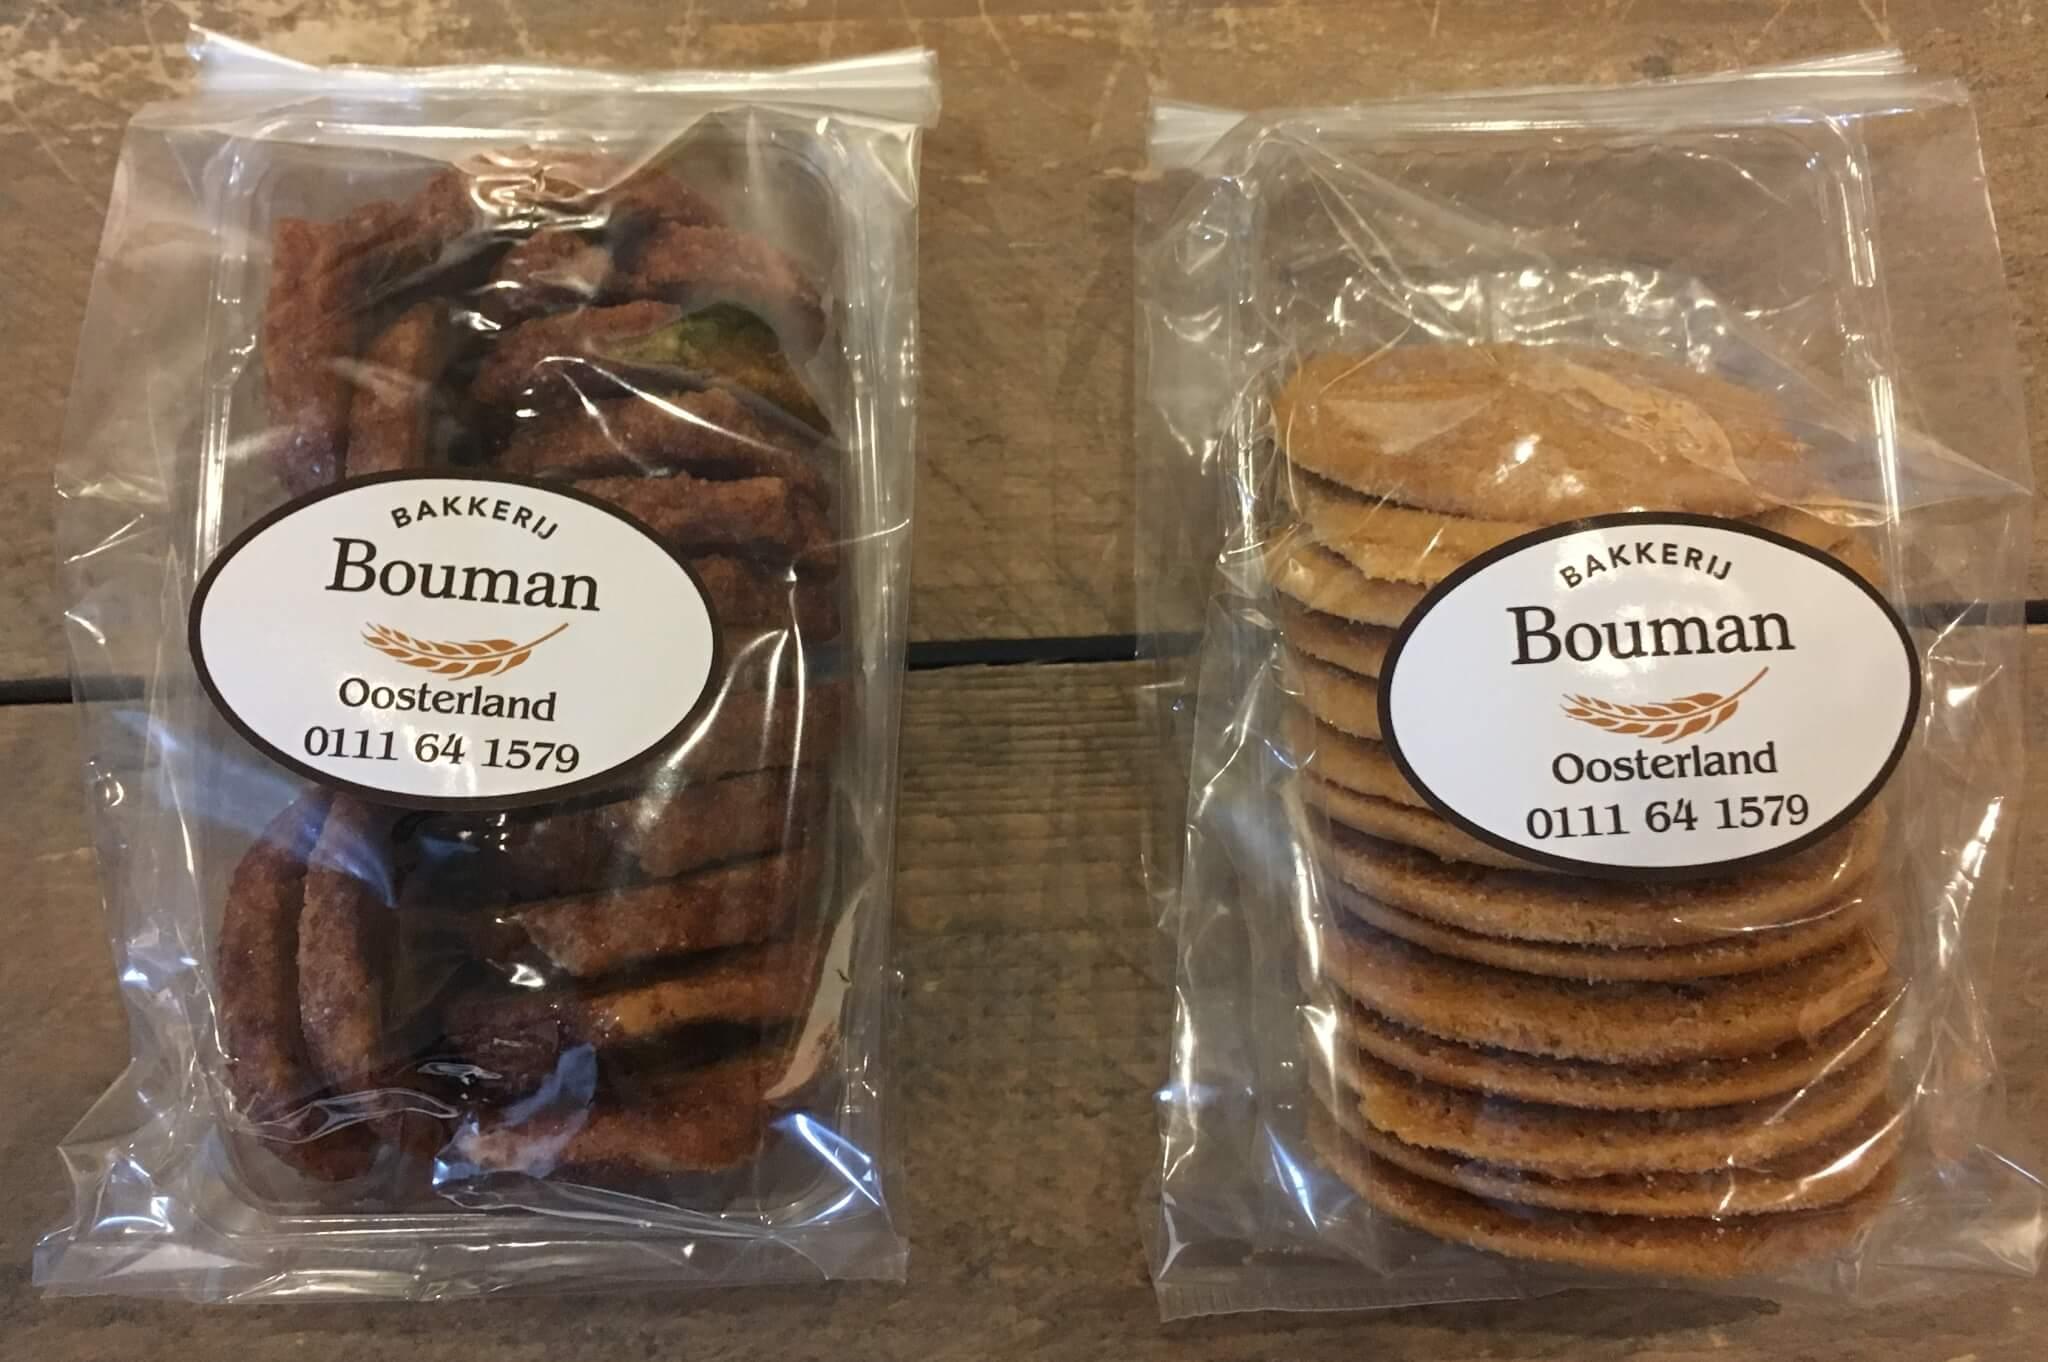 Fruitbedrijf Van den Berge: Zeeuwse koekjes